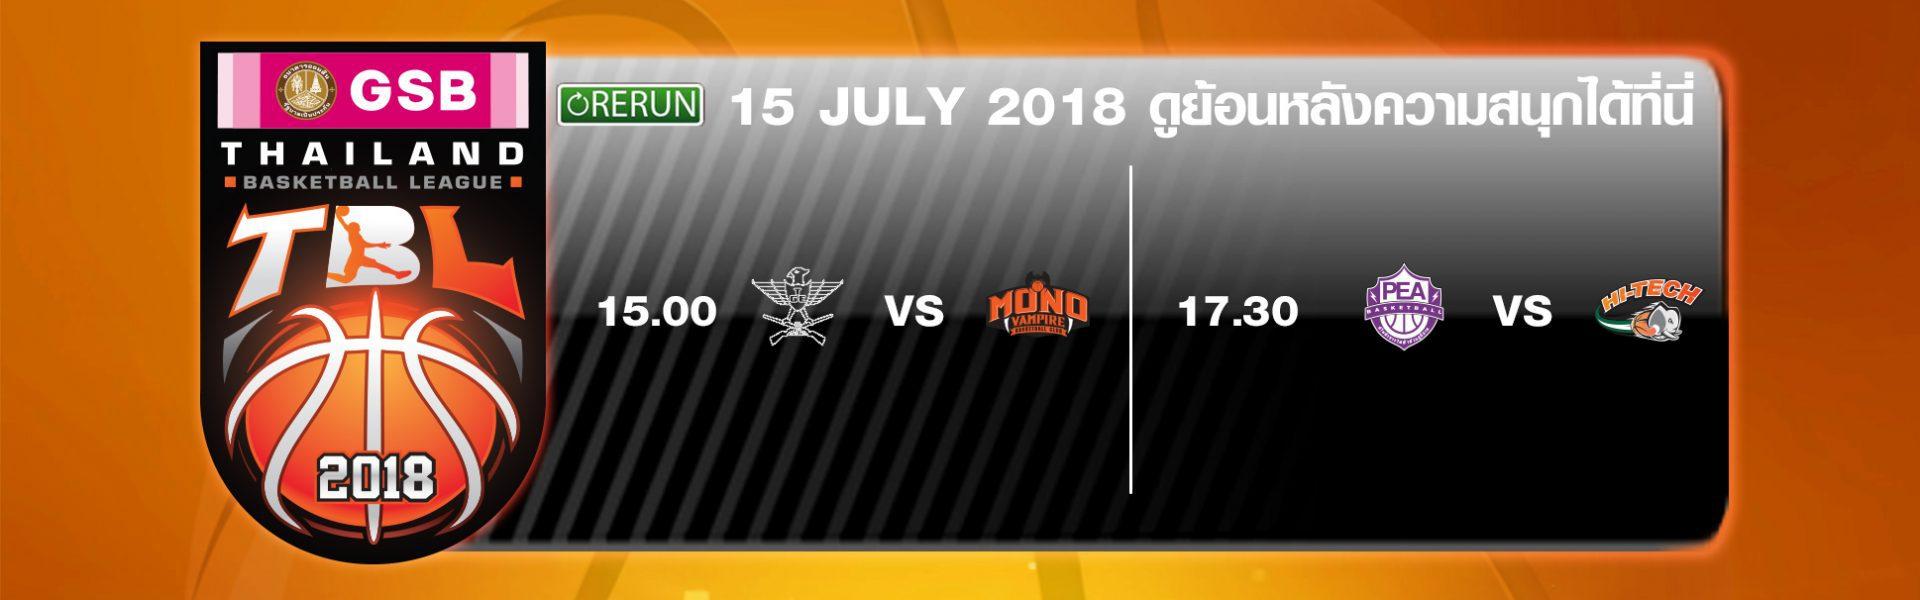 การเเข่งขันบาสเกตบอล GSB TBL2018 : Finals (Game 1) : Hi-Tech VS Mono Vampire ( 21 July 2018)